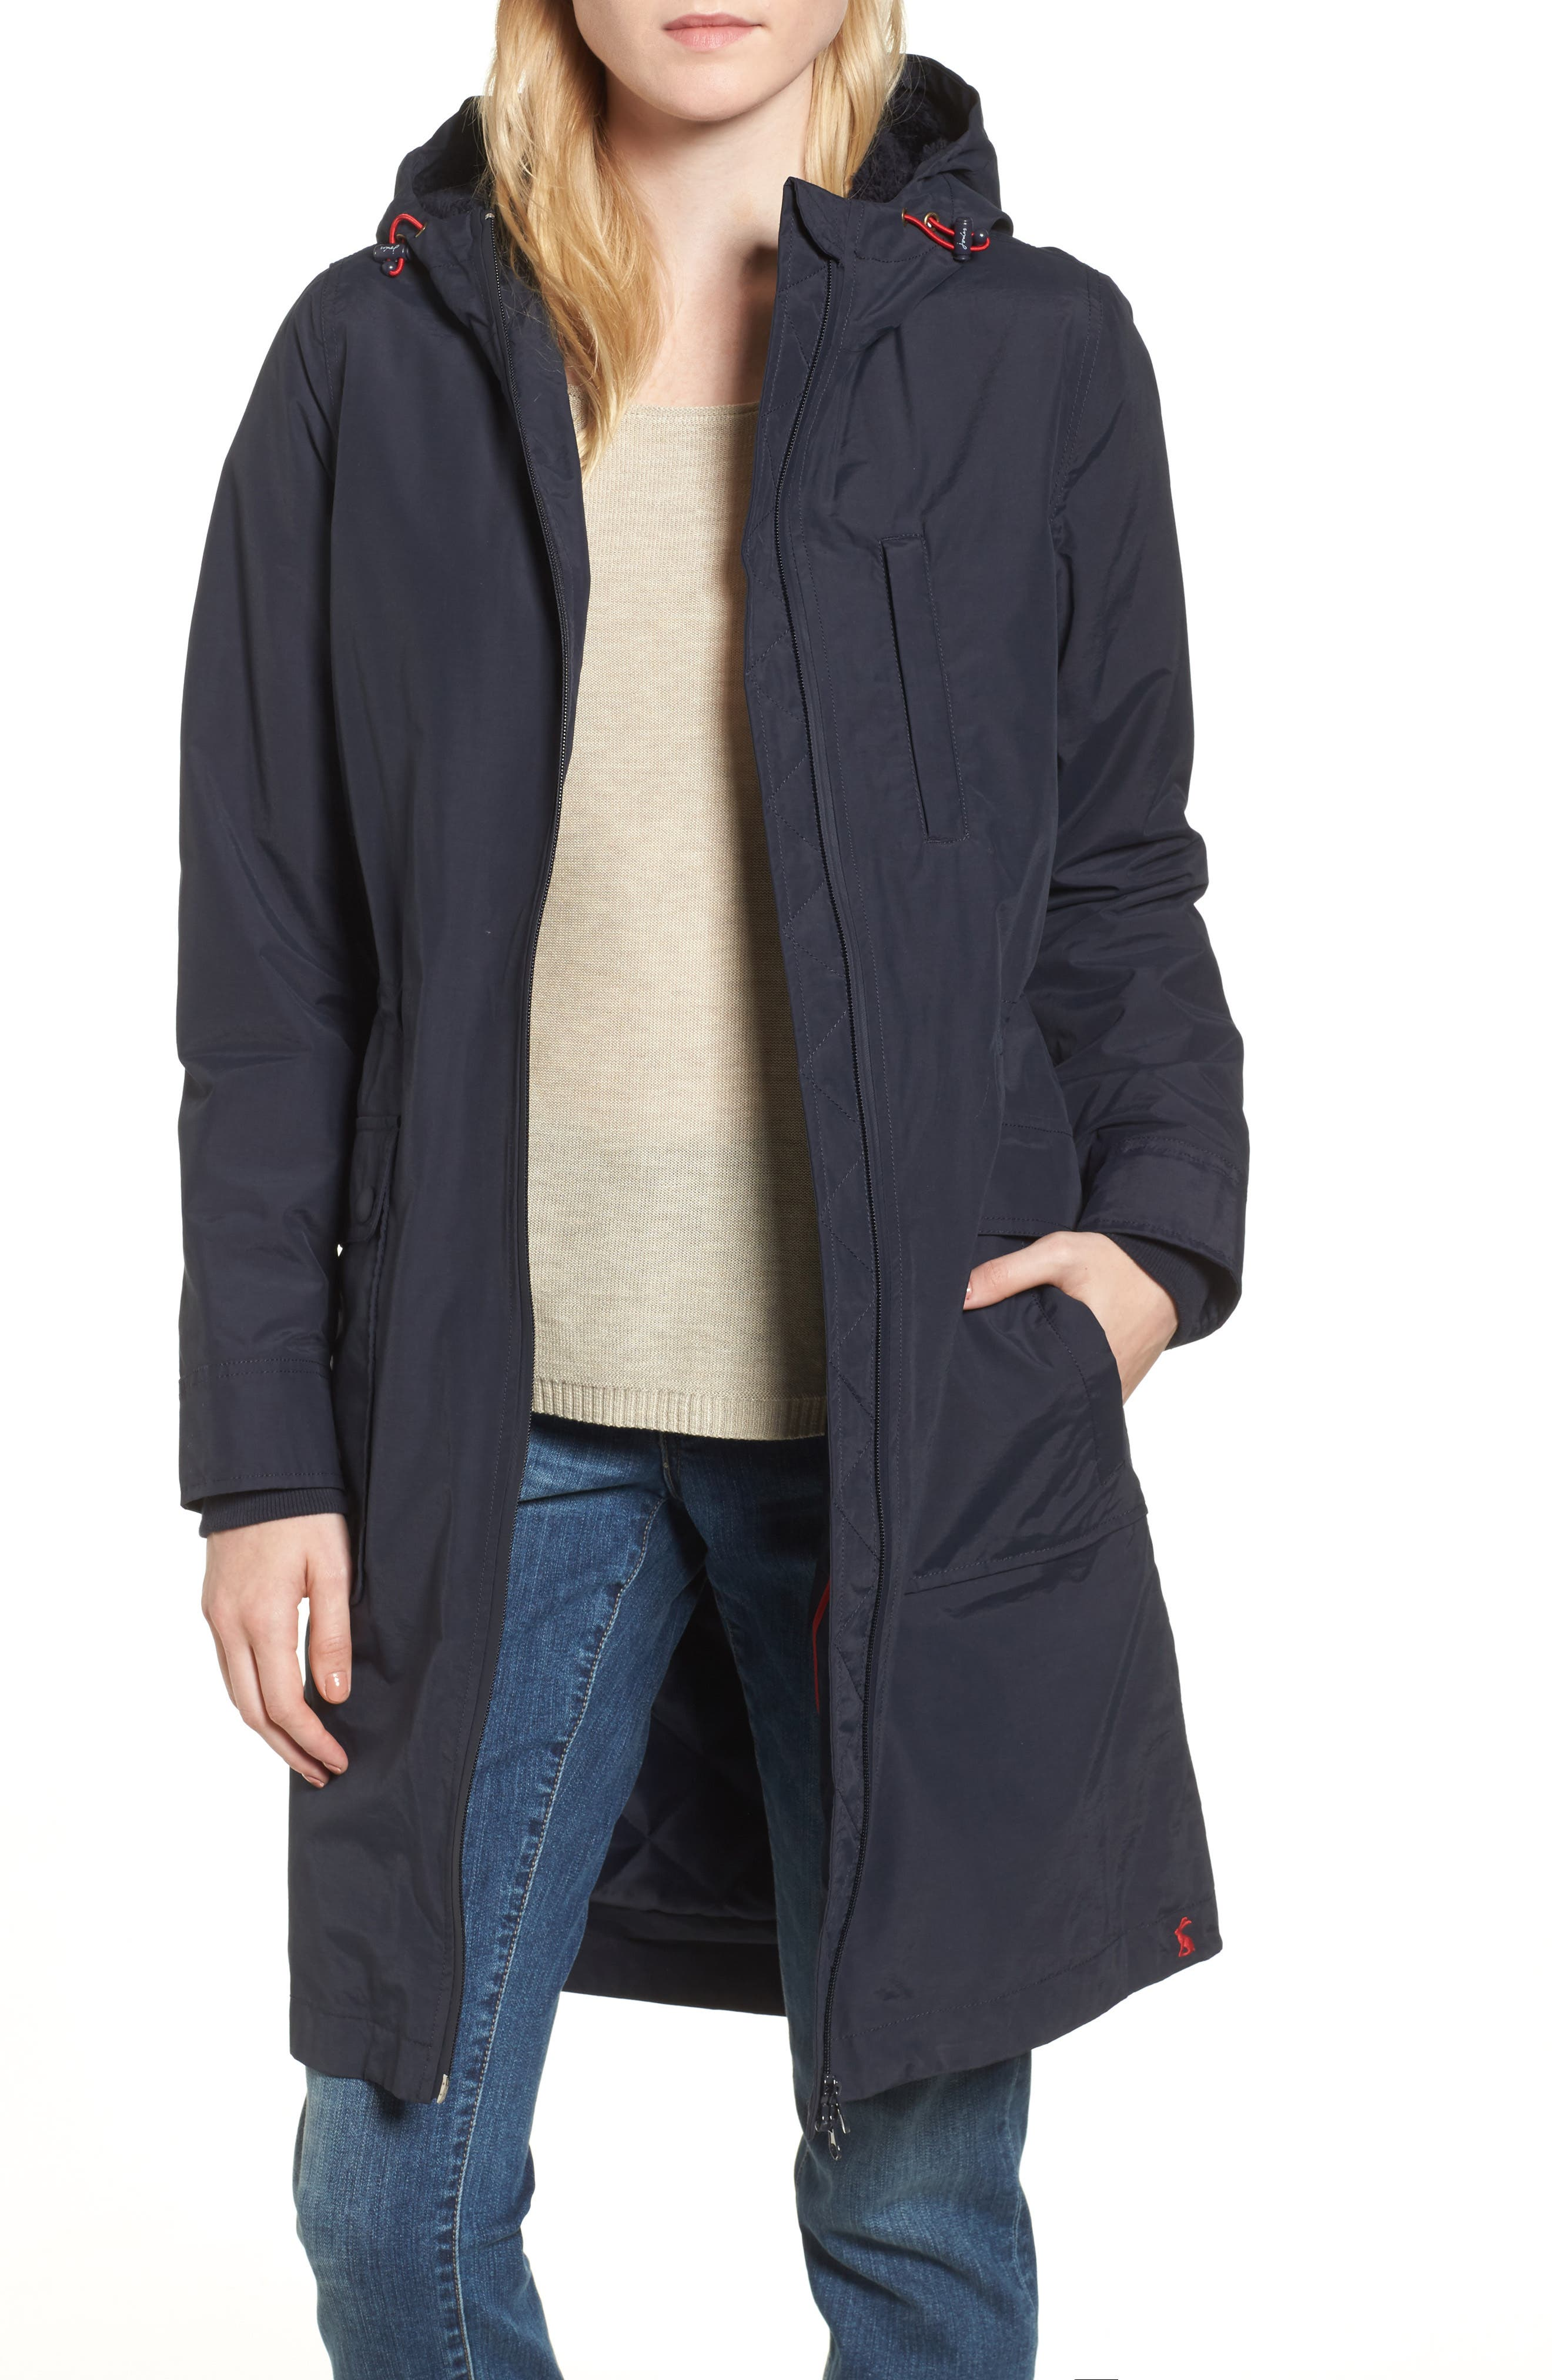 Hooded Fleece Lined Raincoat,                         Main,                         color,